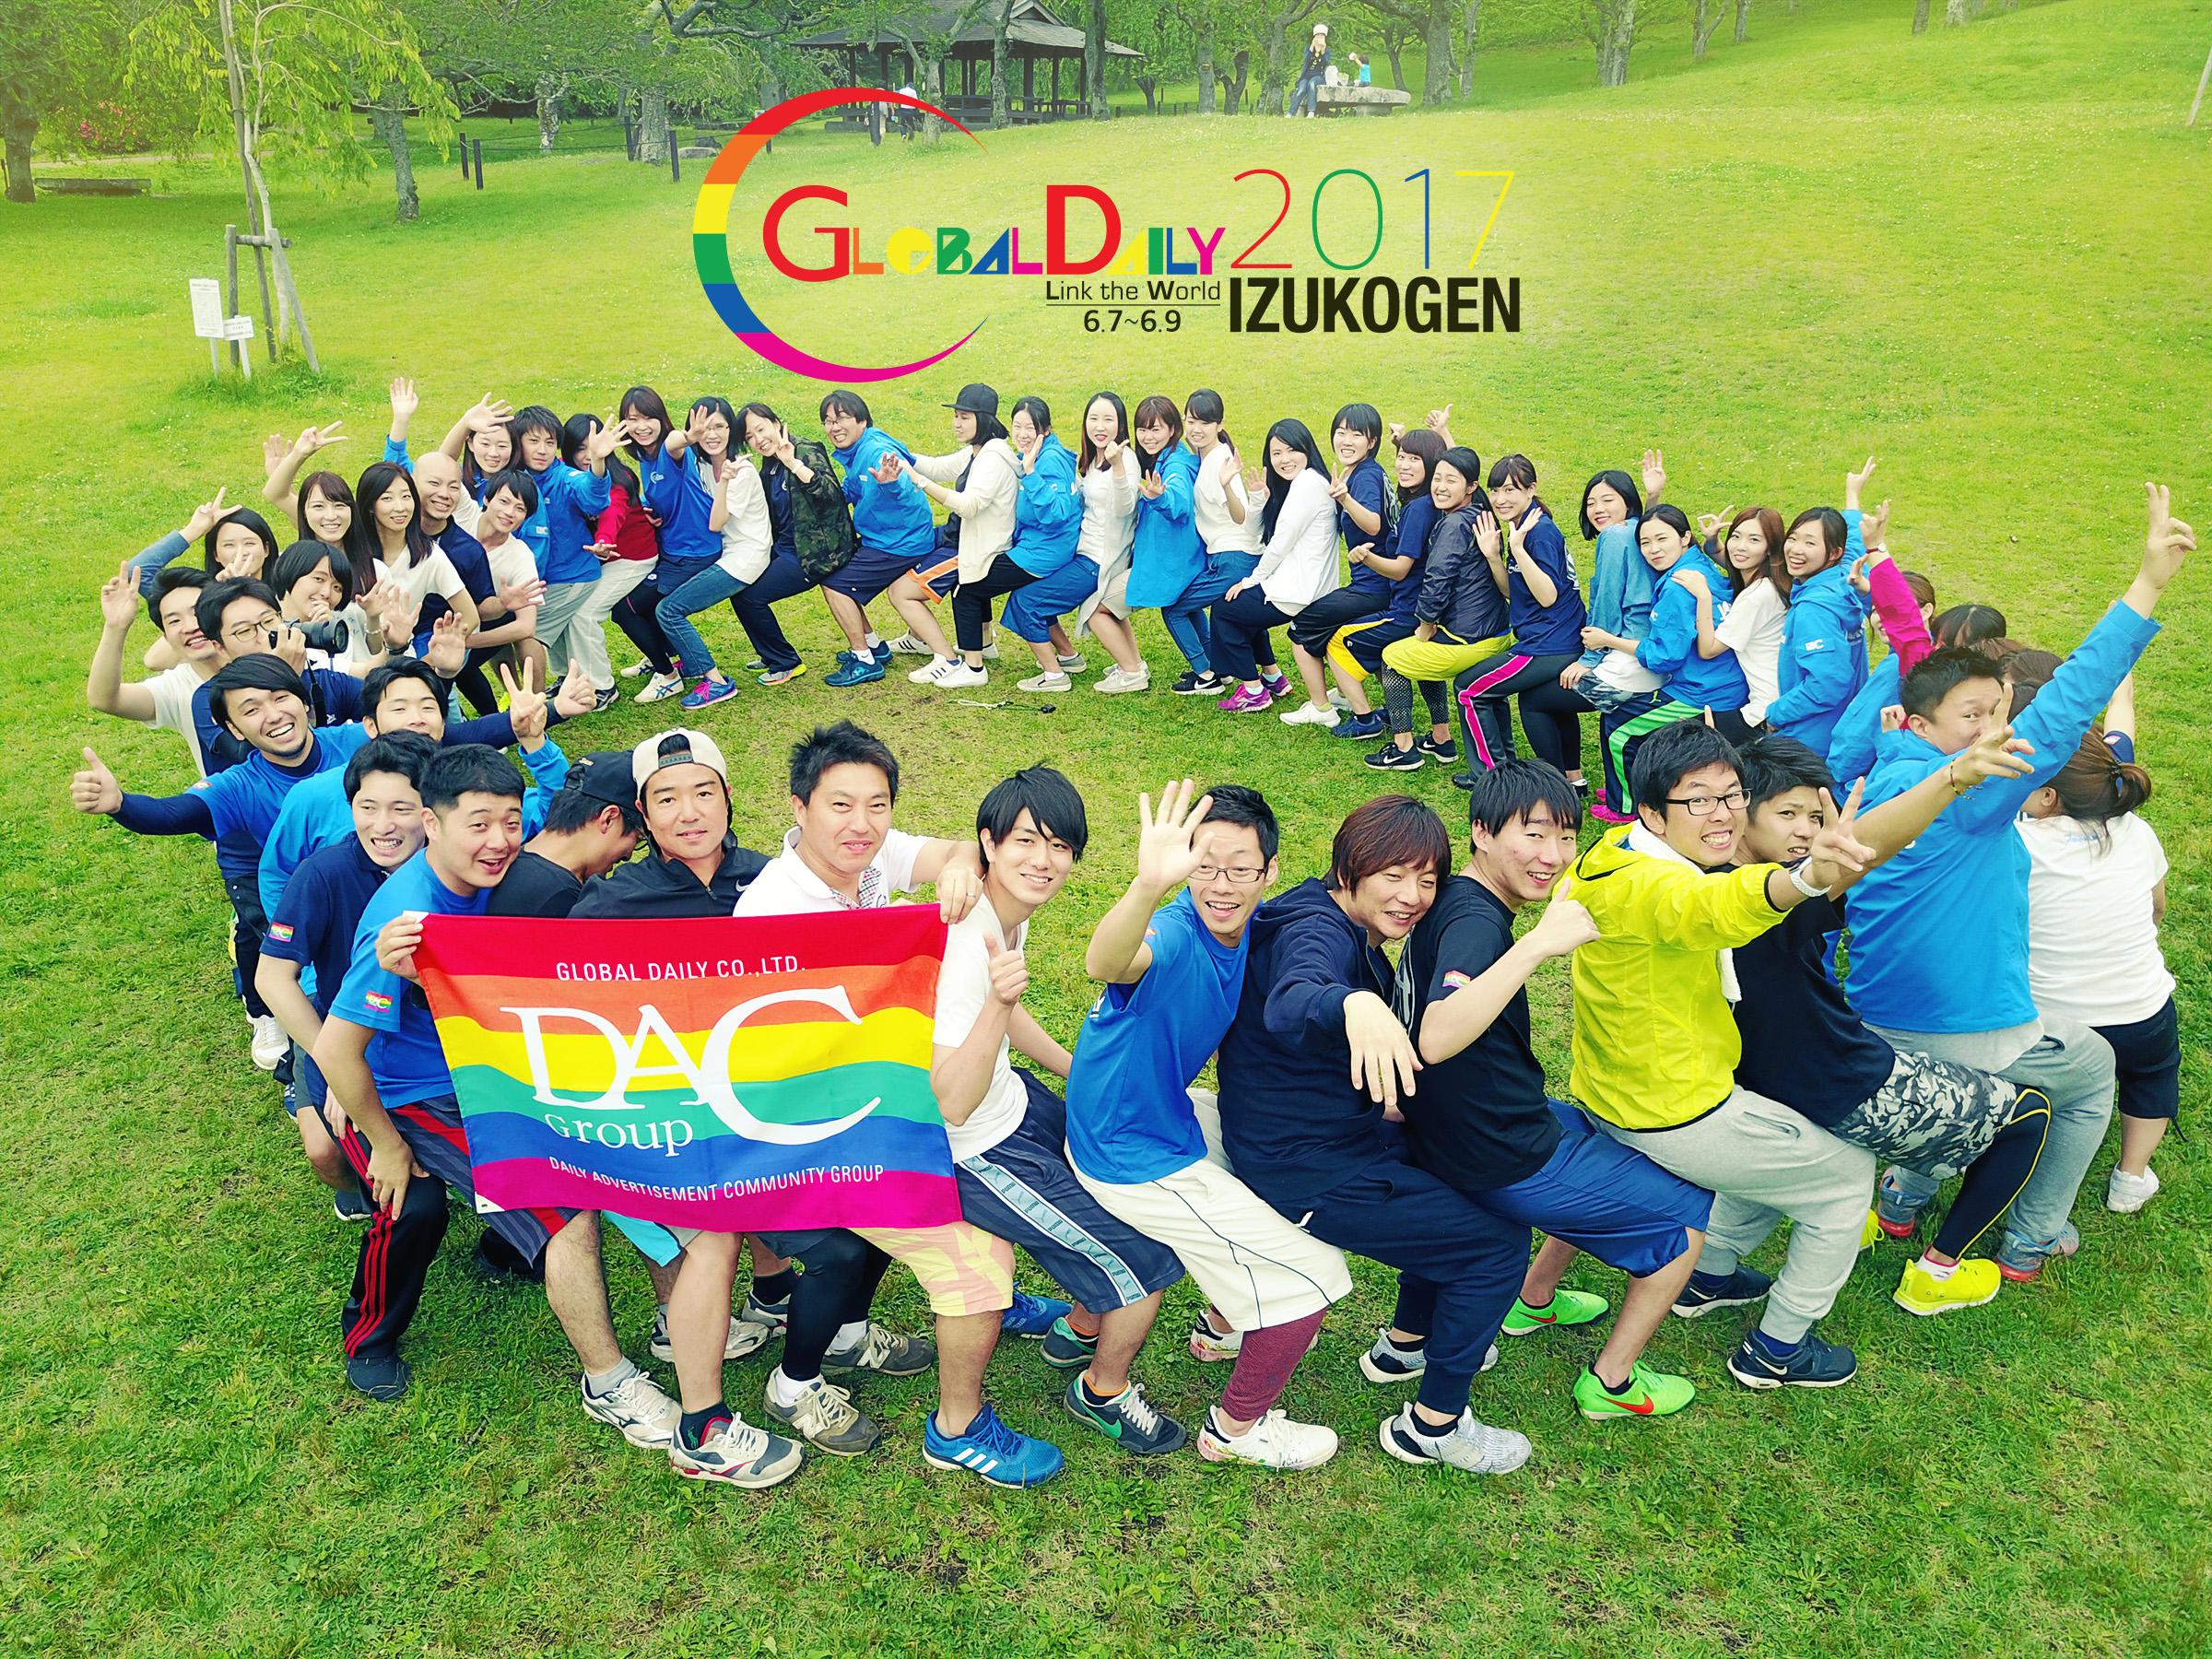 DCIM101MEDIADJI_0019.JPG